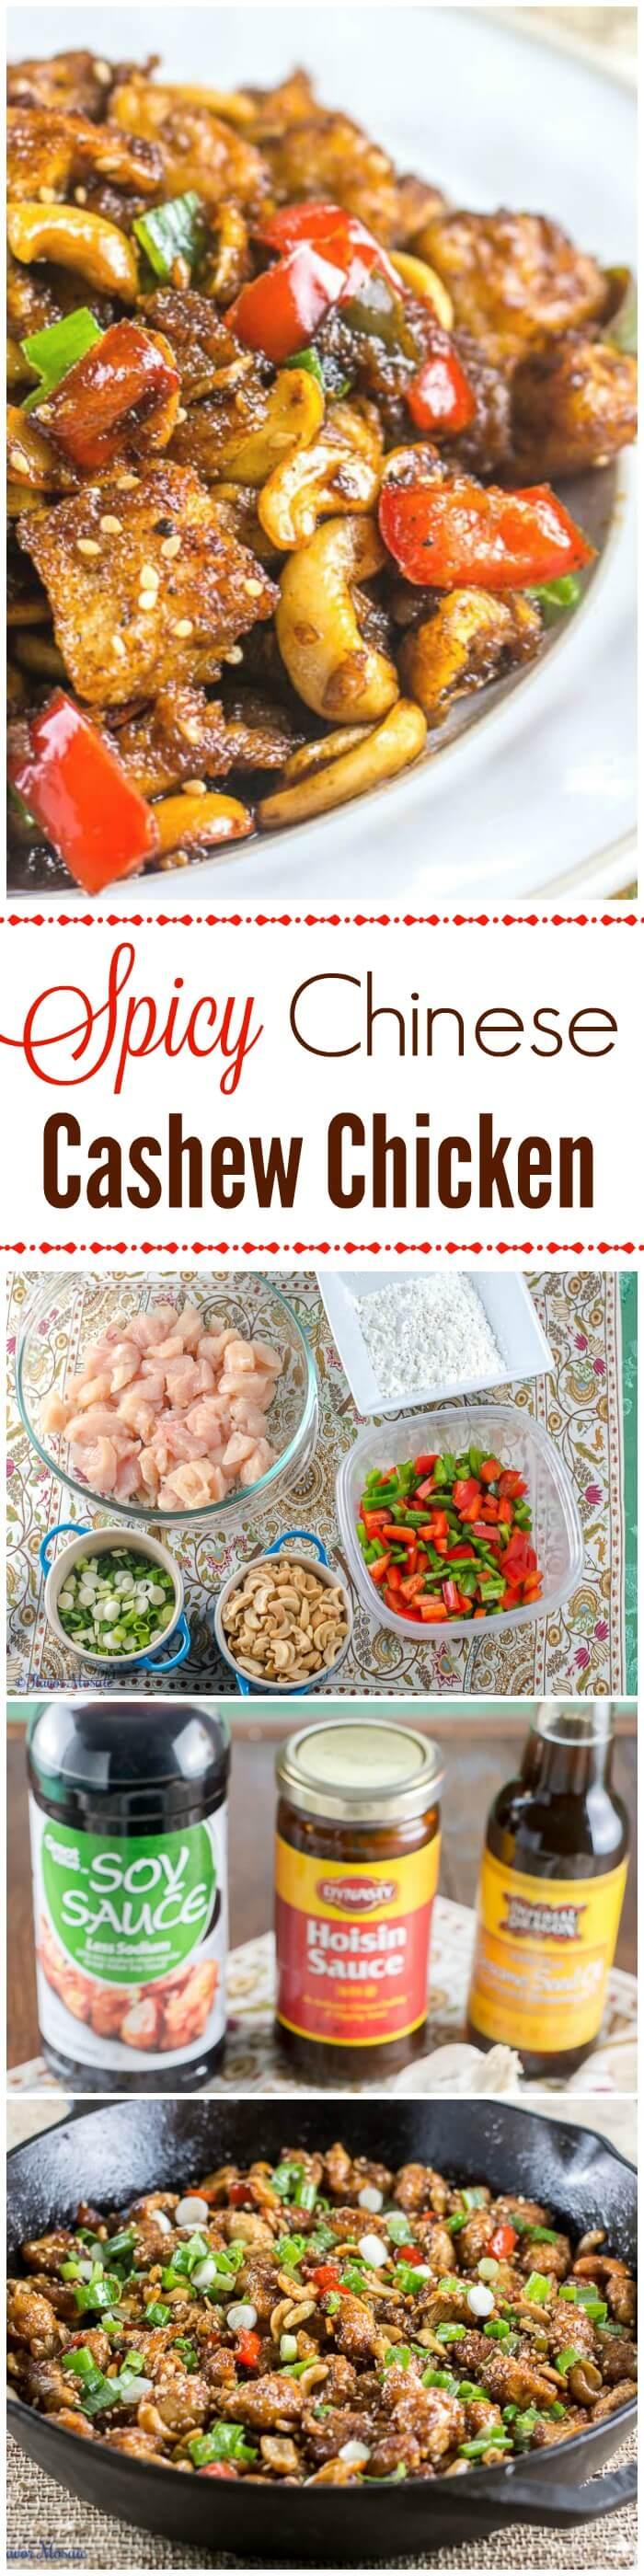 Spicy Chinese Cashew Chicken